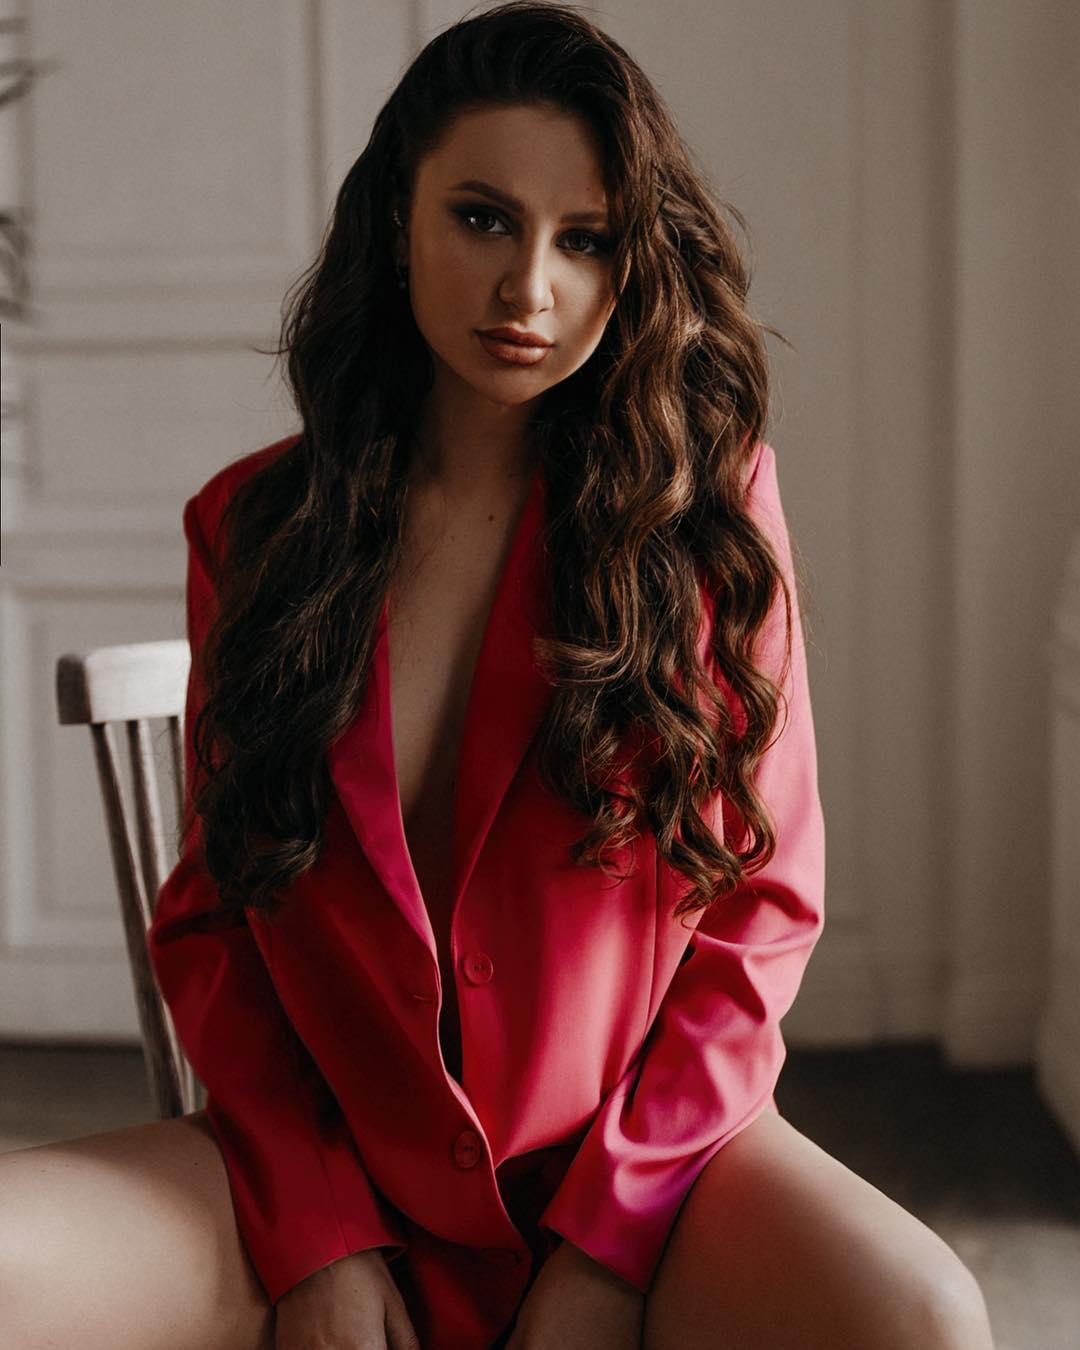 Певица Asti: Ваша цель нетолько ваша. Пока кто-то мечтает, другие берут иполучают.  @marialyadova